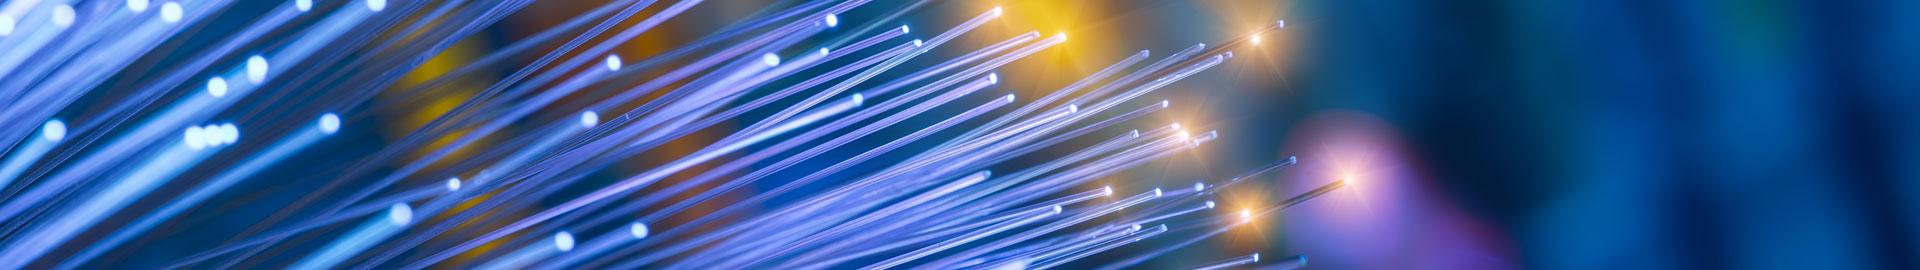 Digitalisierung in Fertigung und Montage